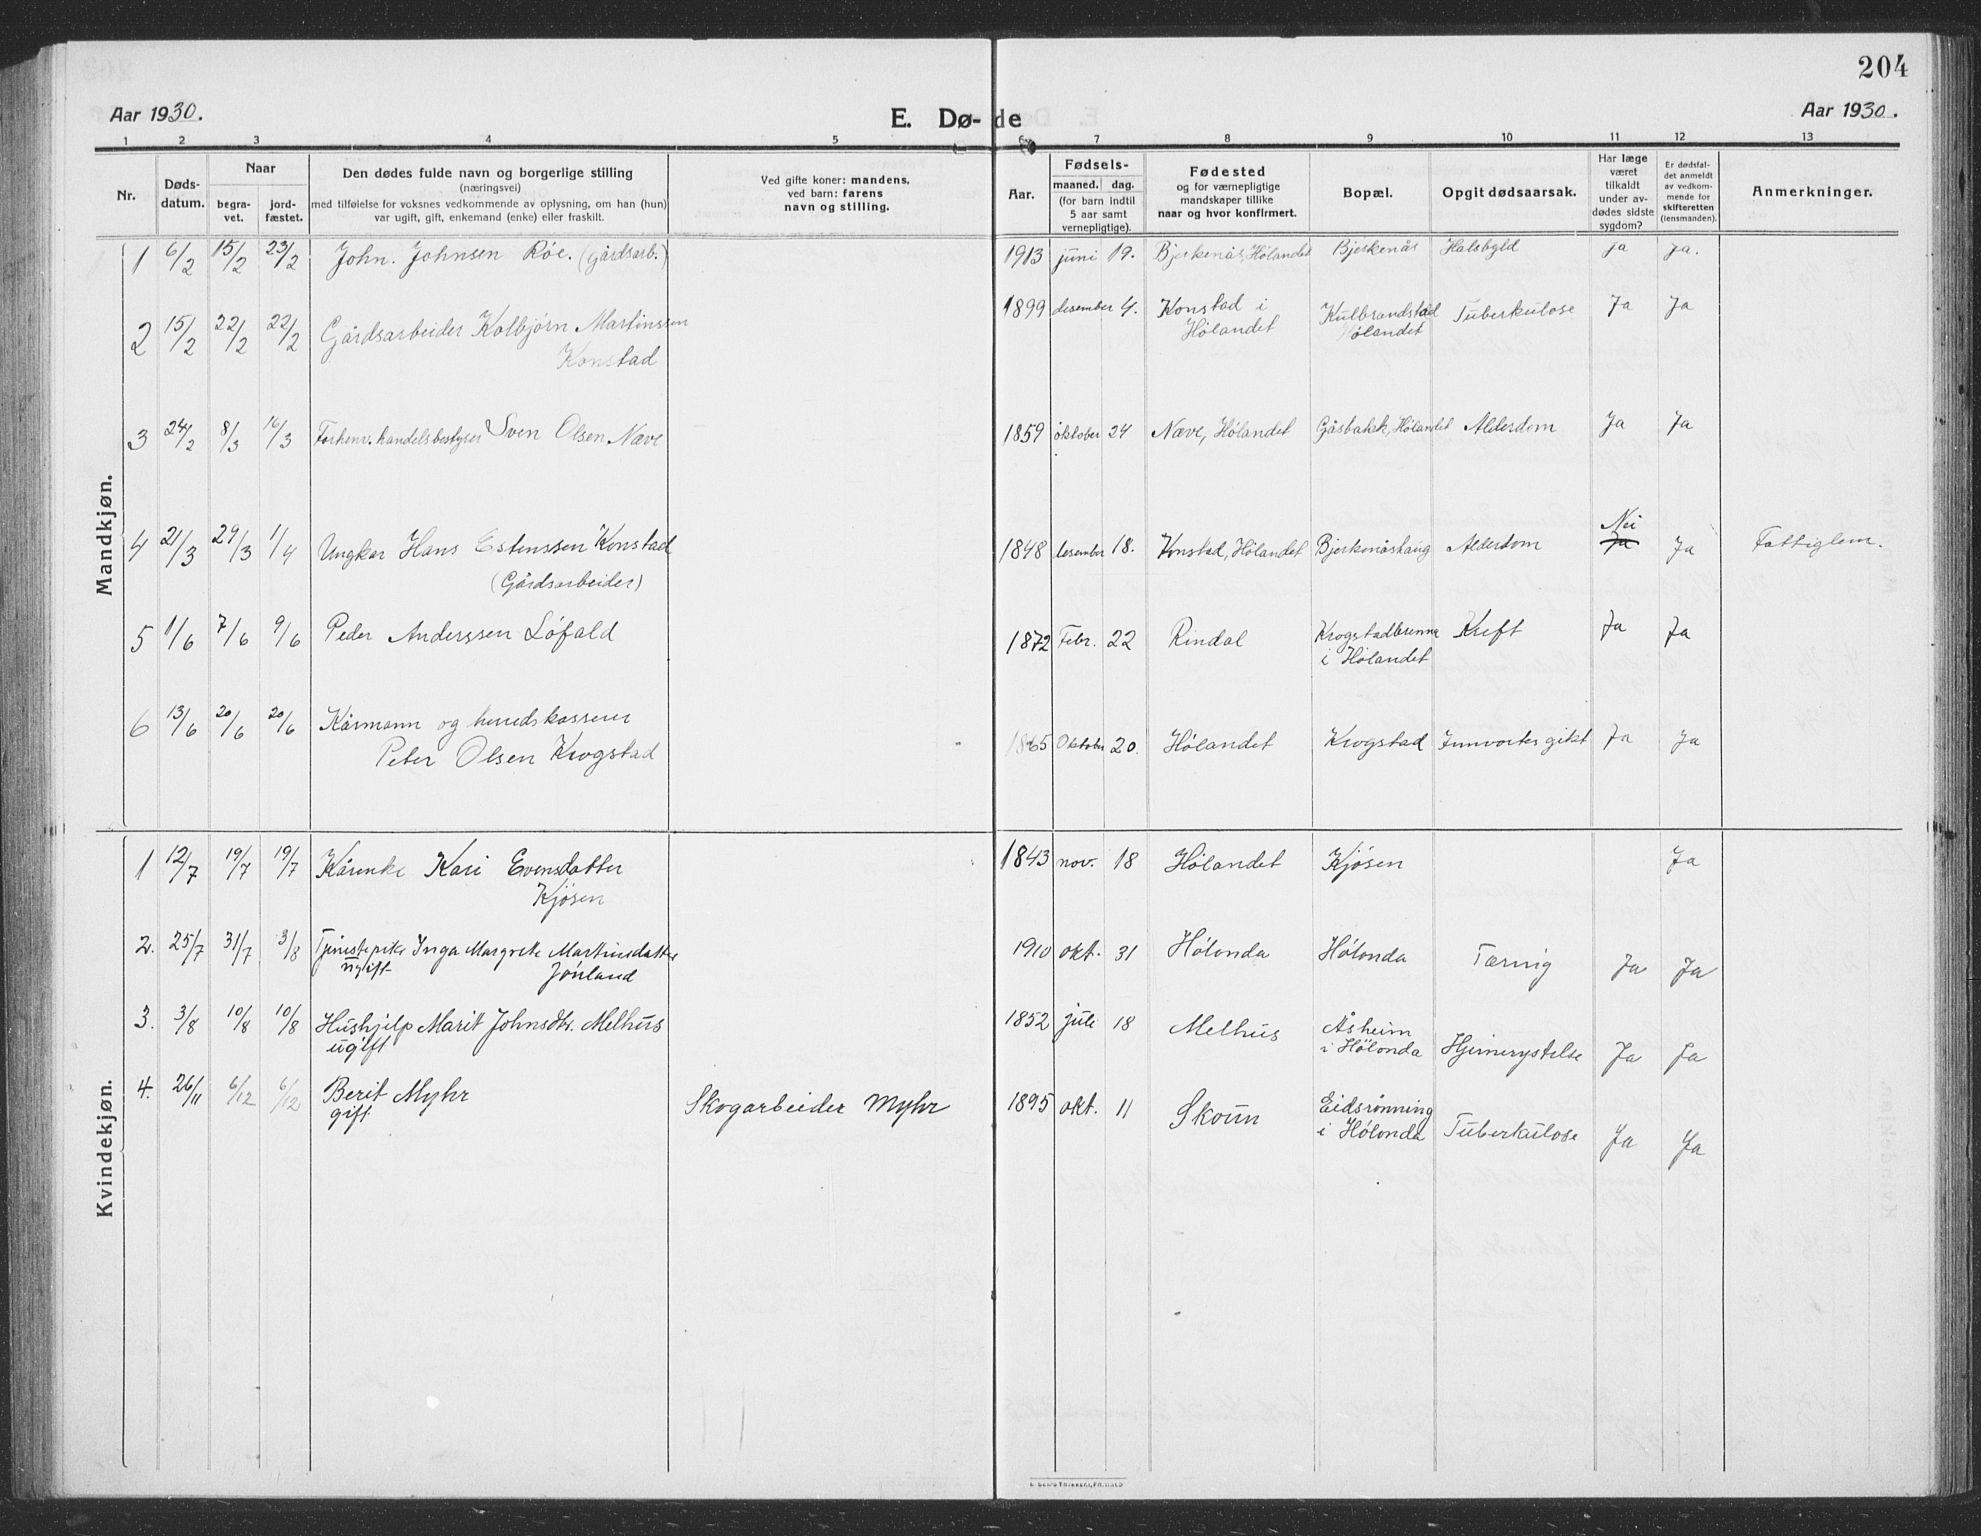 SAT, Ministerialprotokoller, klokkerbøker og fødselsregistre - Sør-Trøndelag, 694/L1134: Klokkerbok nr. 694C06, 1915-1937, s. 204